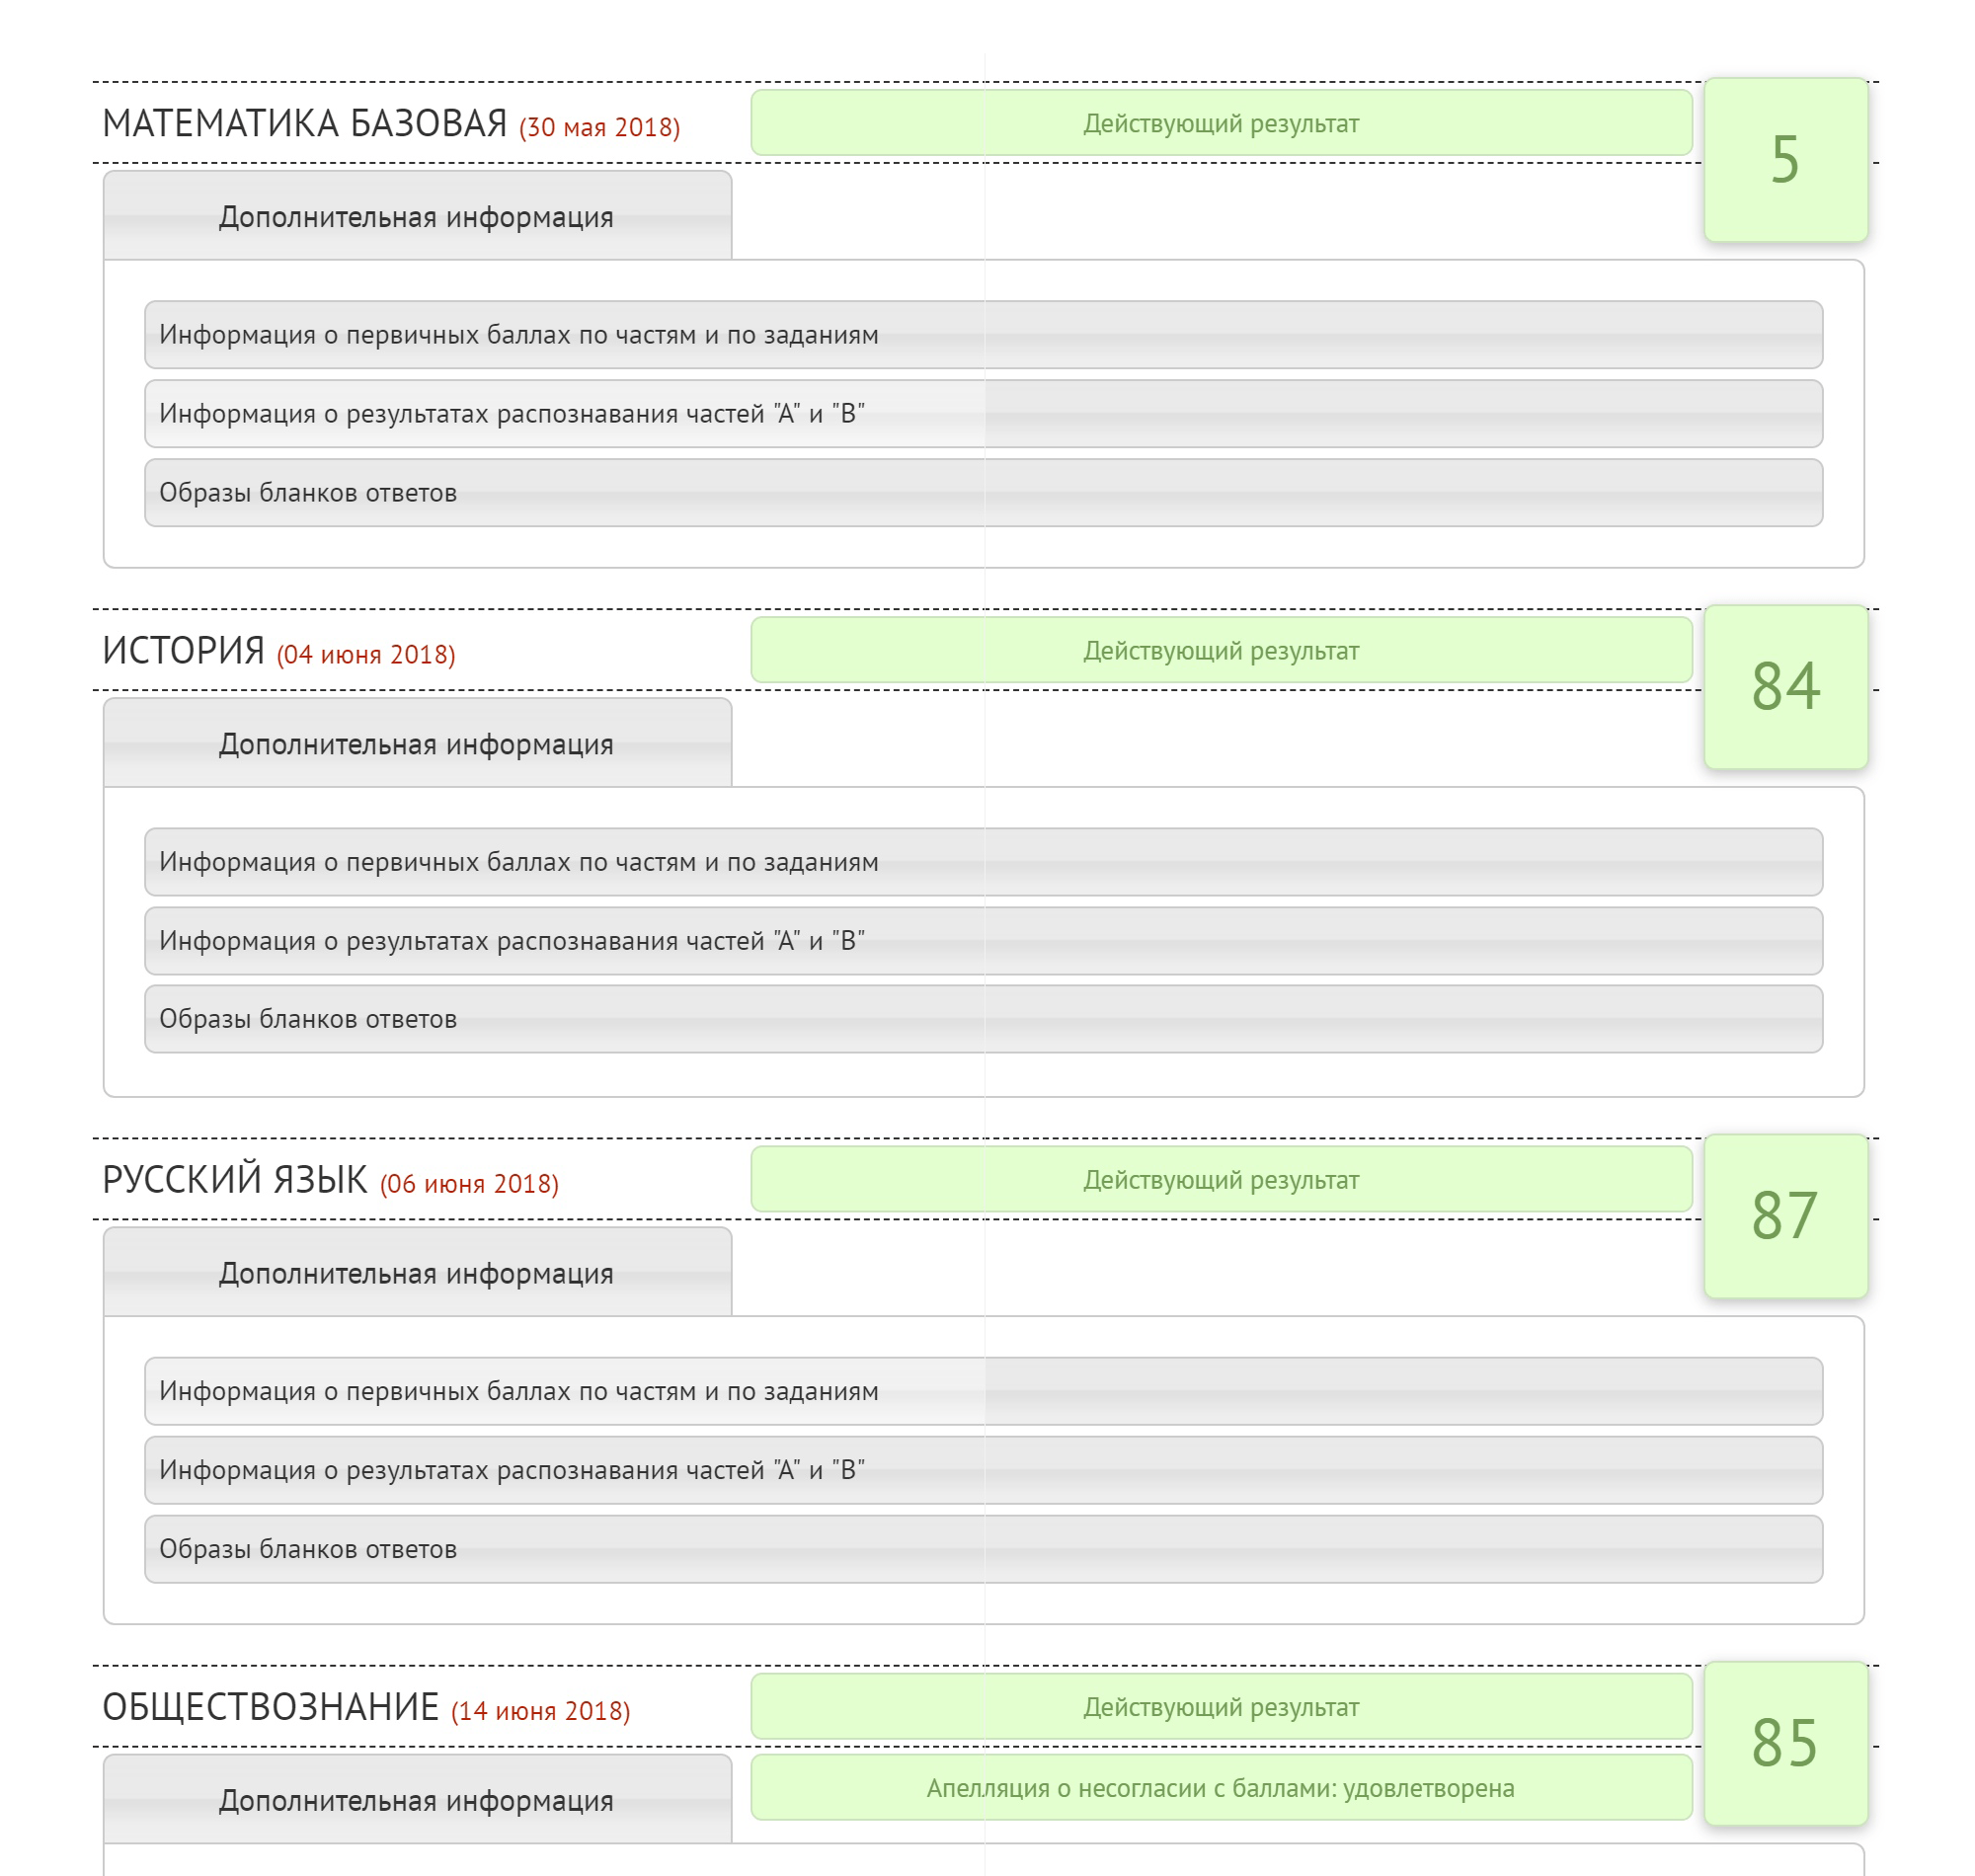 Мои результаты ЕГЭ после апелляции на сайте ege.spb.ru. В закладках — сканы экзаменационных бланков, компьютерные результаты распознавания и оценки каждой части экзамена